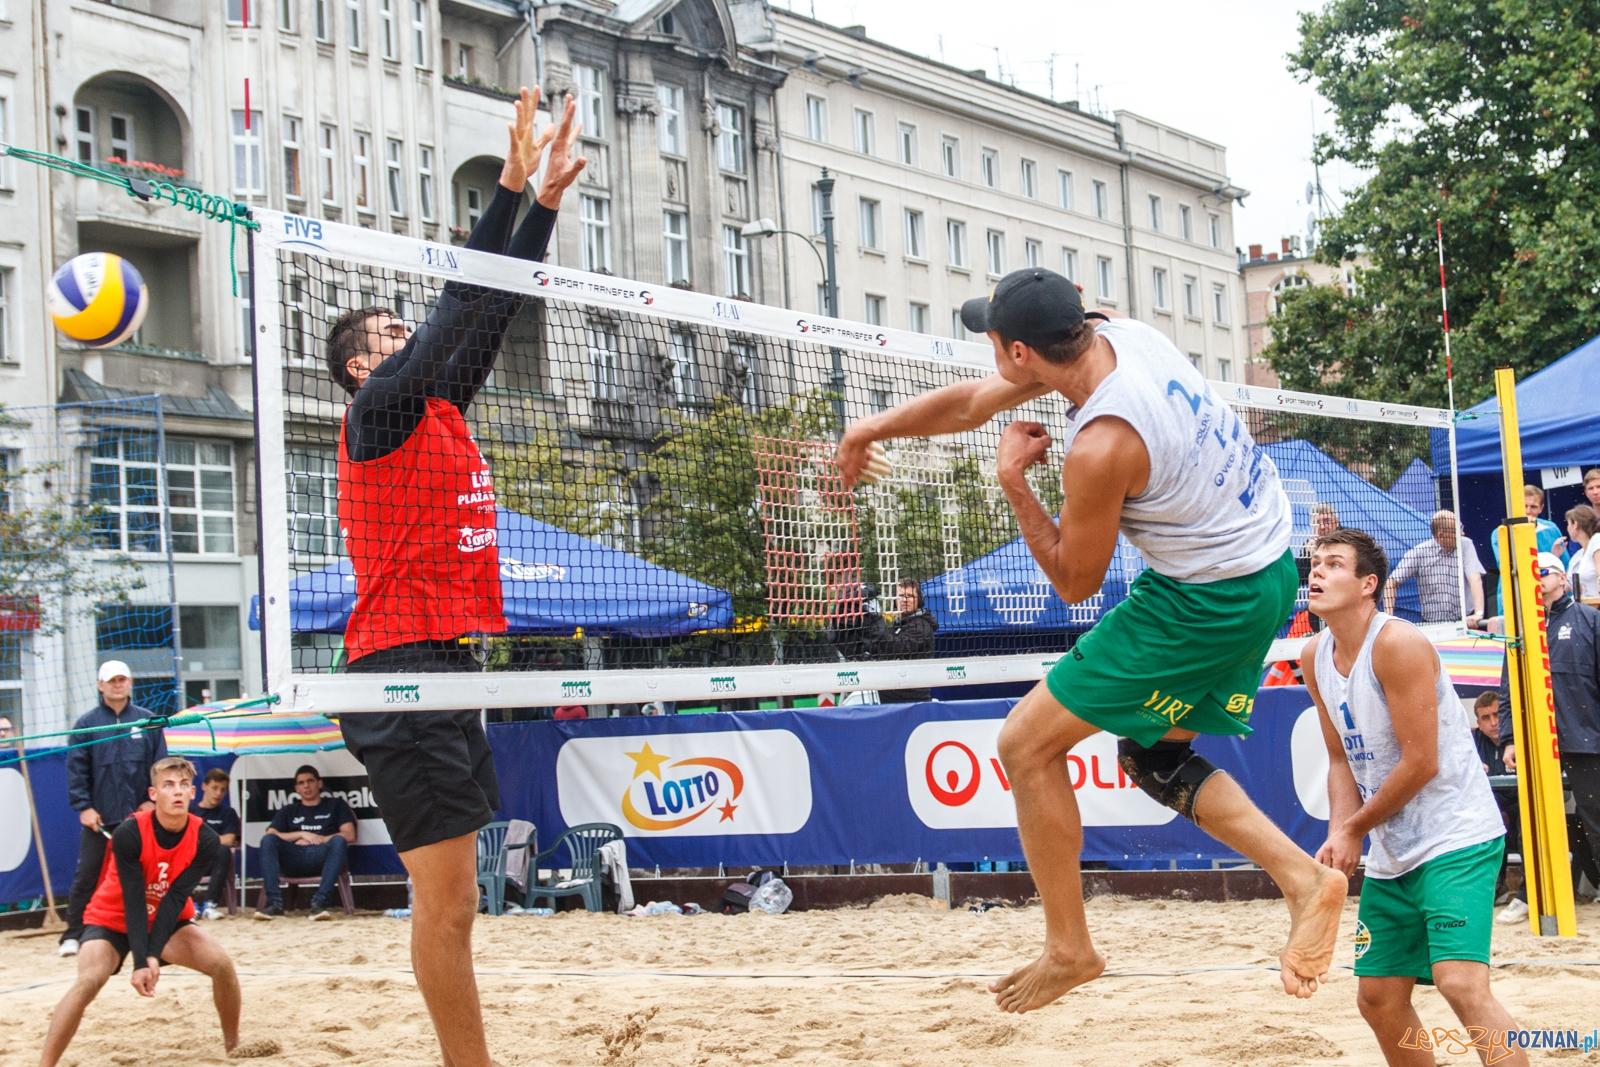 Finałowy mecz Lotto Plaży Wolności - Poznań 21.08.2016 r.  Foto: LepszyPOZNAN.pl / Paweł Rychter